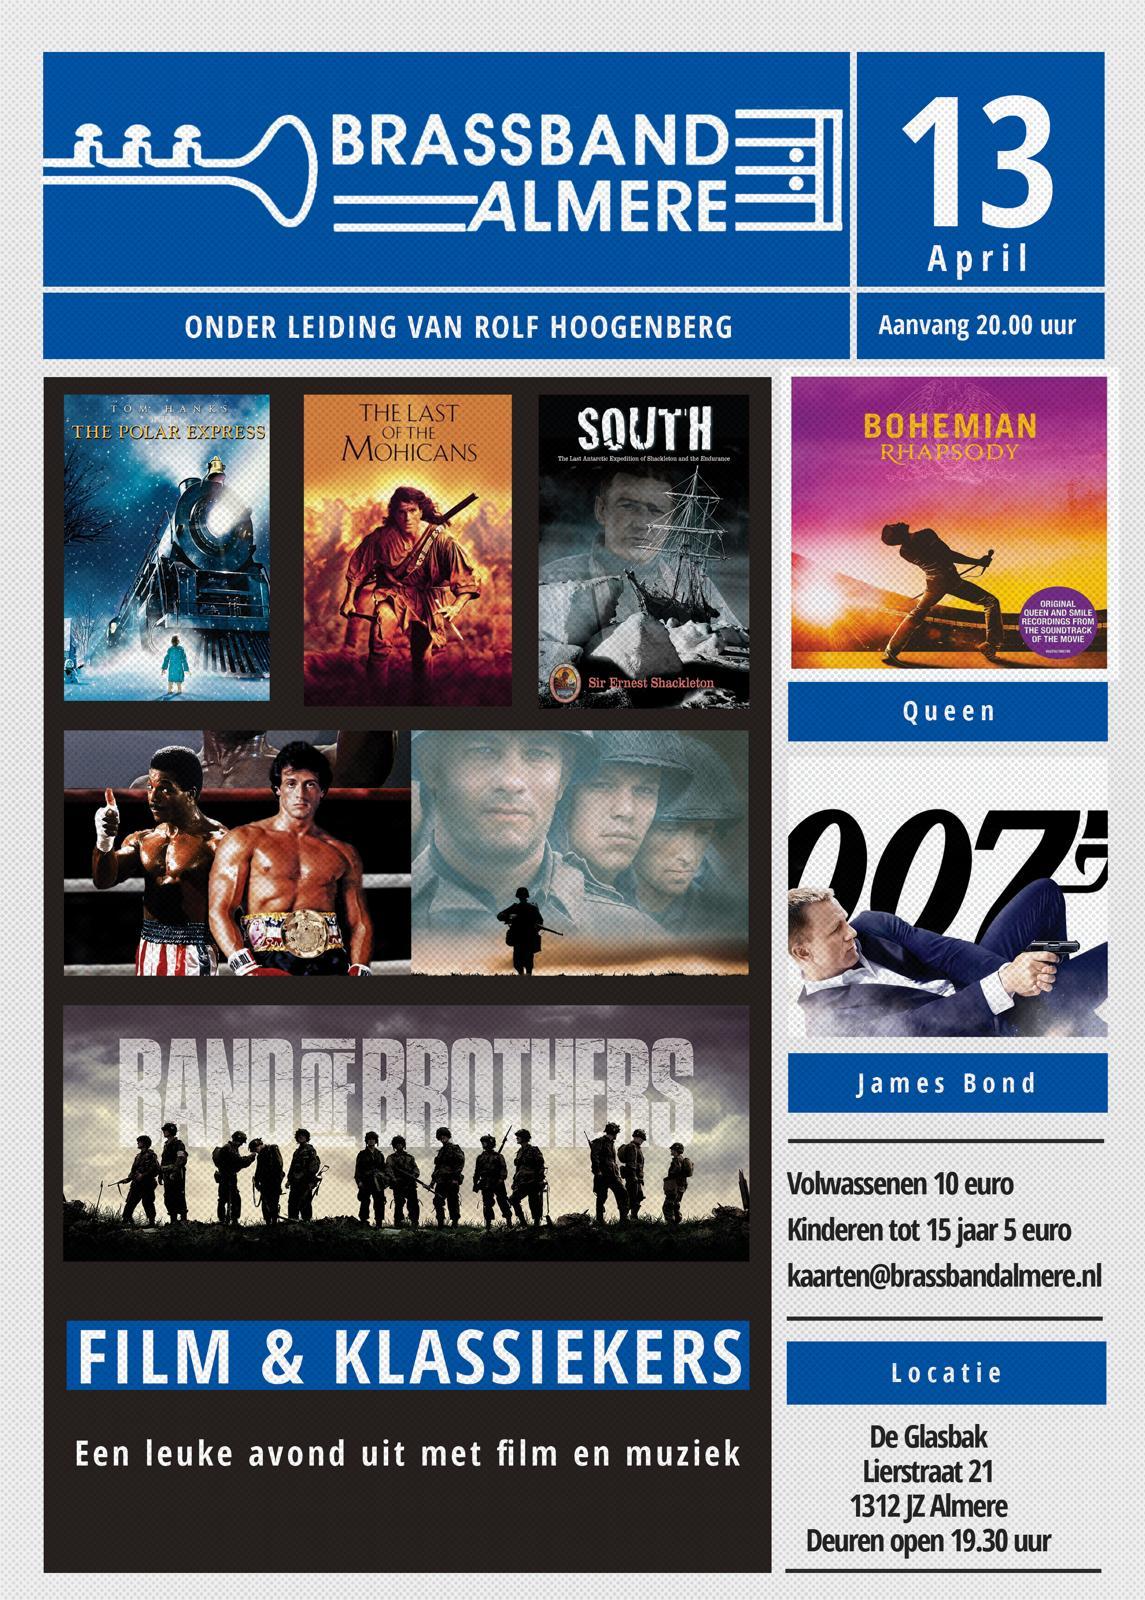 Brassband Almere plaatsen wkn 13, 14 en 15 einddatum 13 april